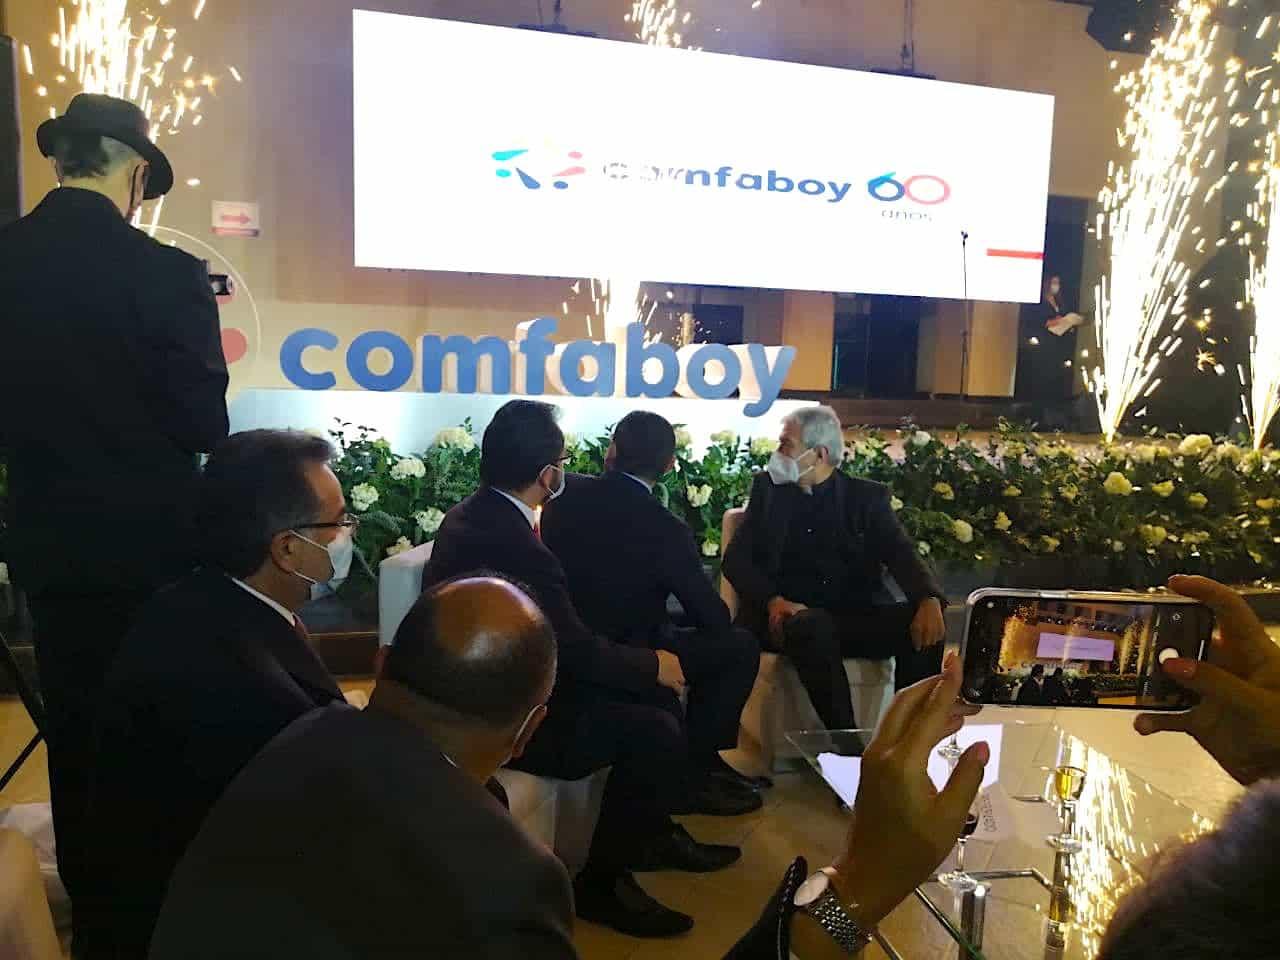 La noche que Comfaboy celebró con alfombra roja sus 60 años de labores 2